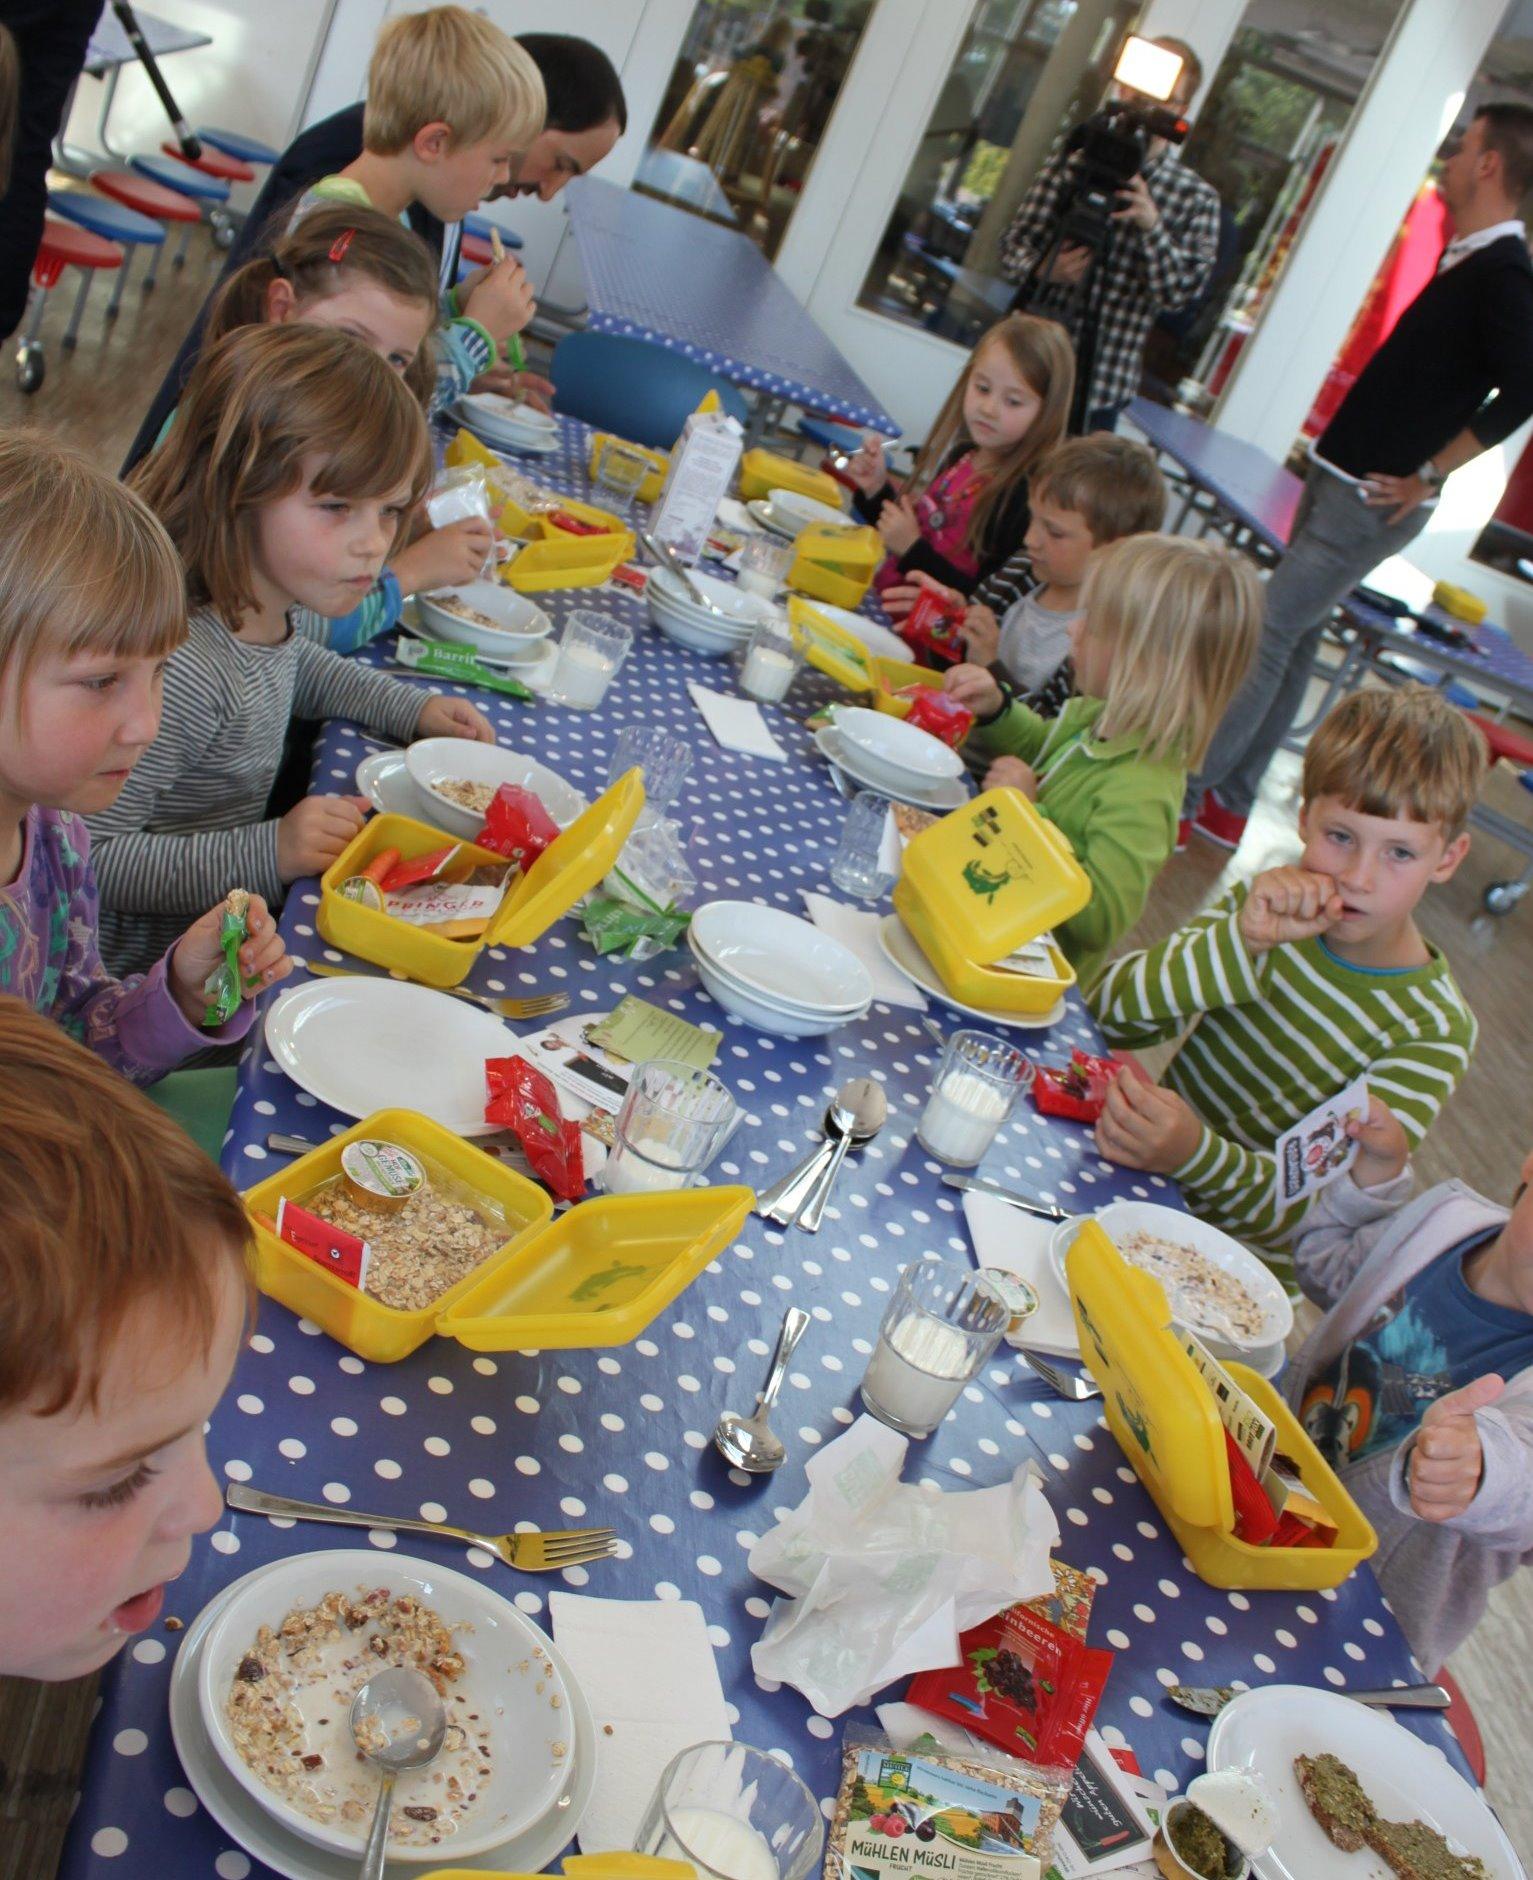 Die Vielzahl an gesunden Lebensmitteln macht das Frühstück mit der Bio-Brotbox immer zu etwas Besonderem. Foto: www.querbeth.de